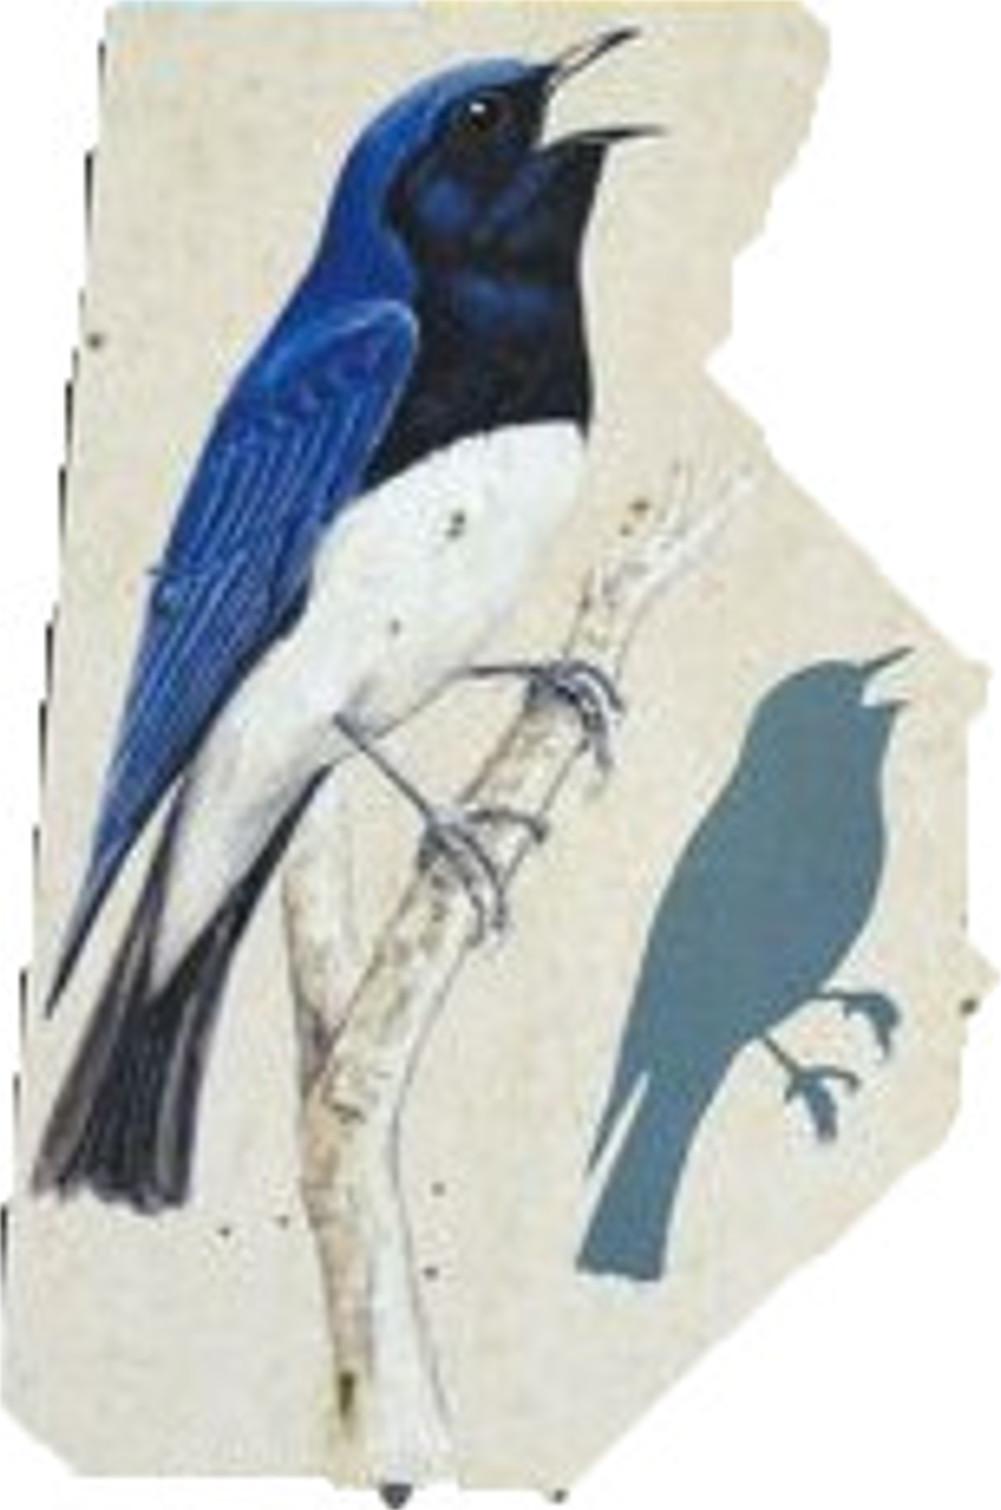 オオルリ(夏鳥)